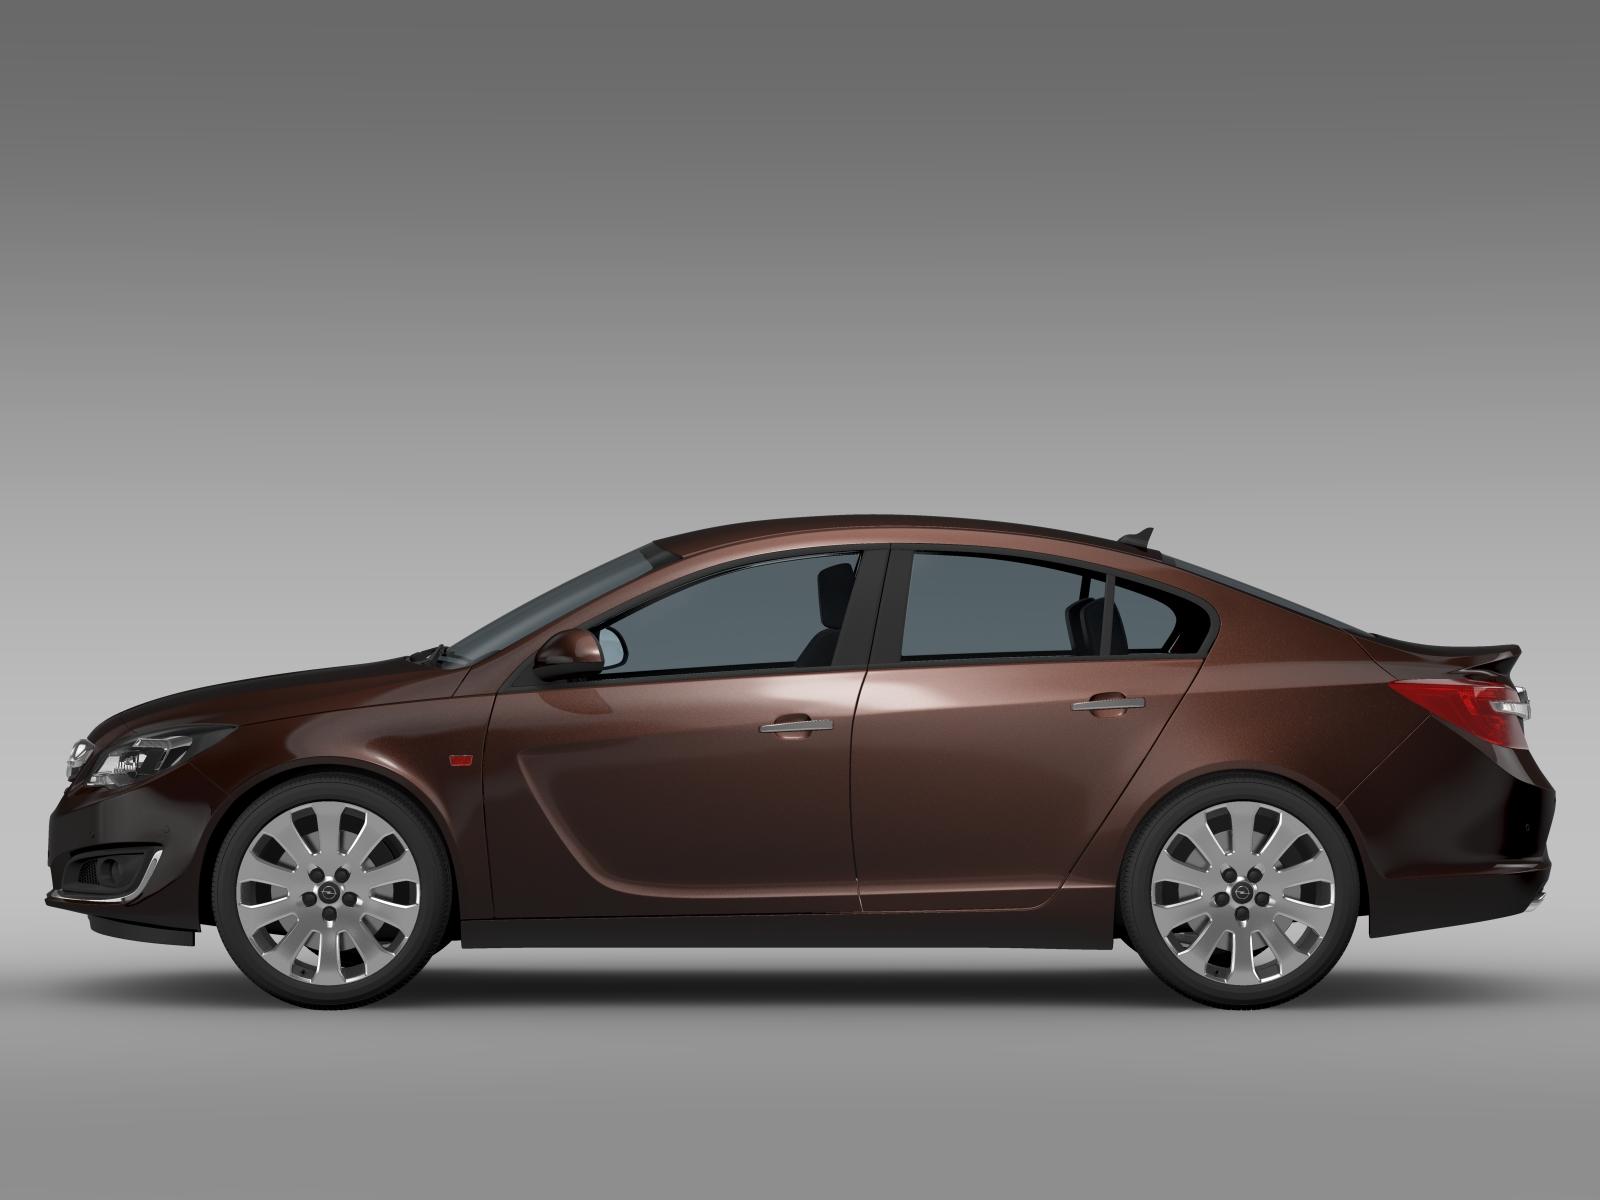 opel insignia turbo 2015 3d model vehicles 3d models. Black Bedroom Furniture Sets. Home Design Ideas